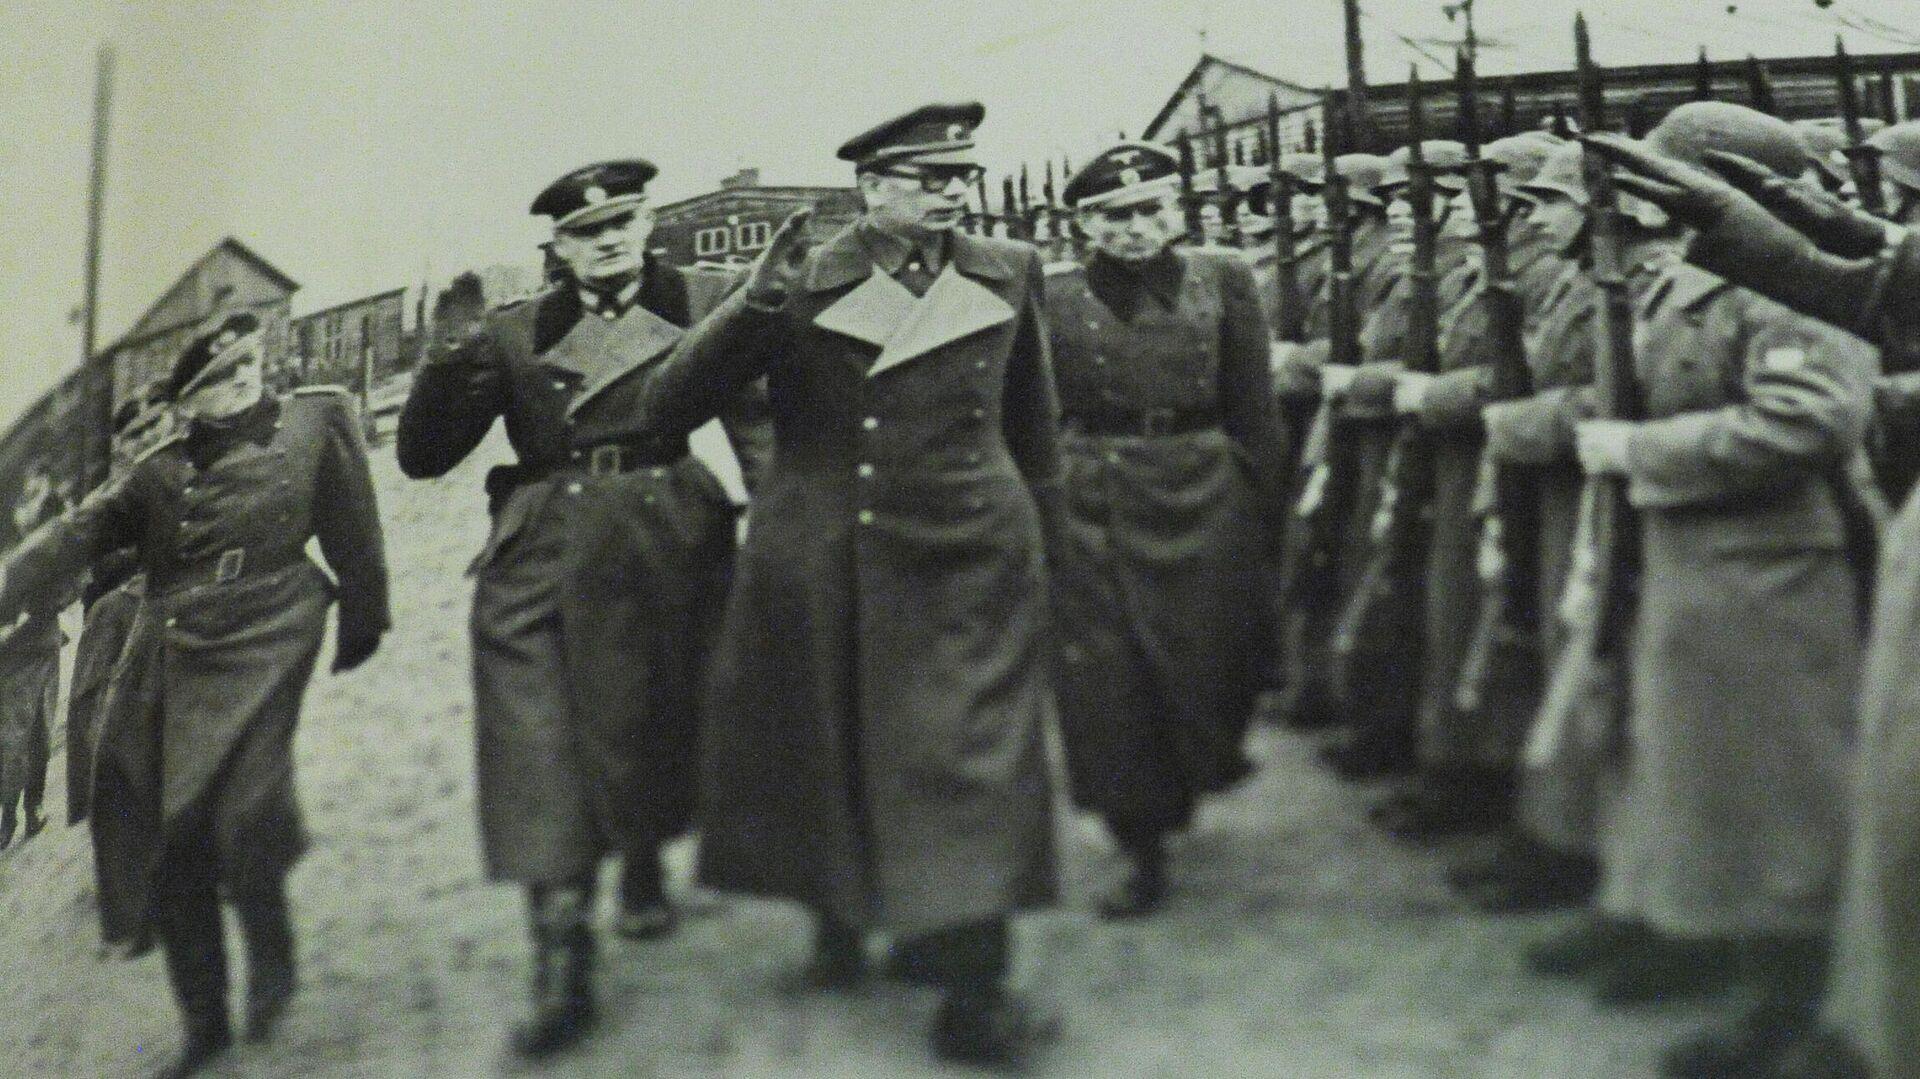 Генерал Андрей Власов вместе с немецкими офицерами принимает парад частей РОА - РИА Новости, 1920, 24.12.2020